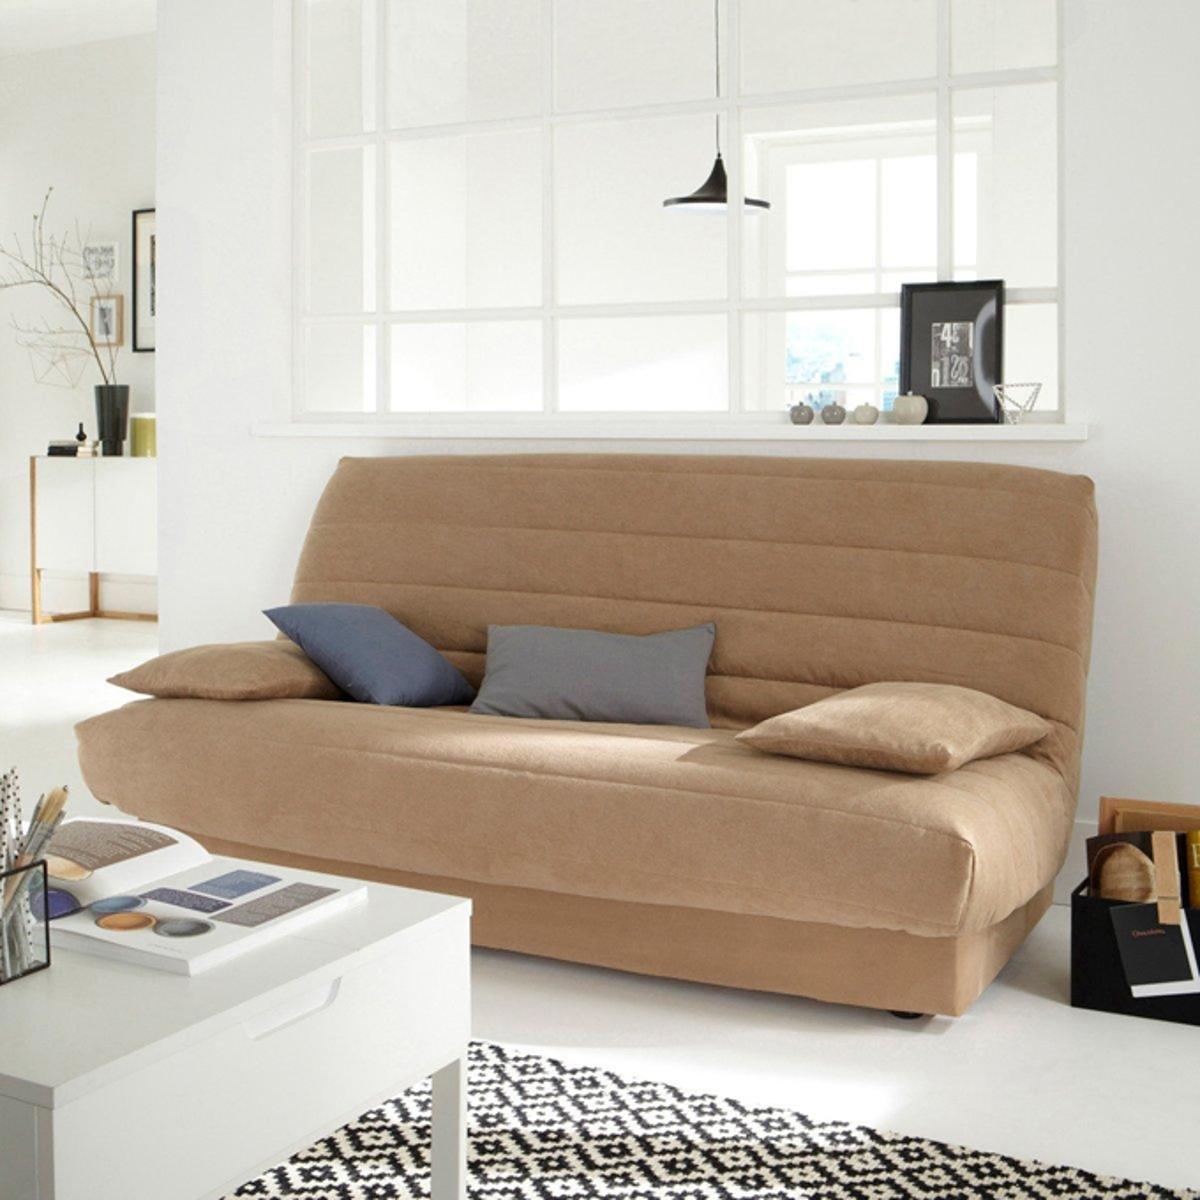 Чехол для основания раскладного дивана из искусственной замши